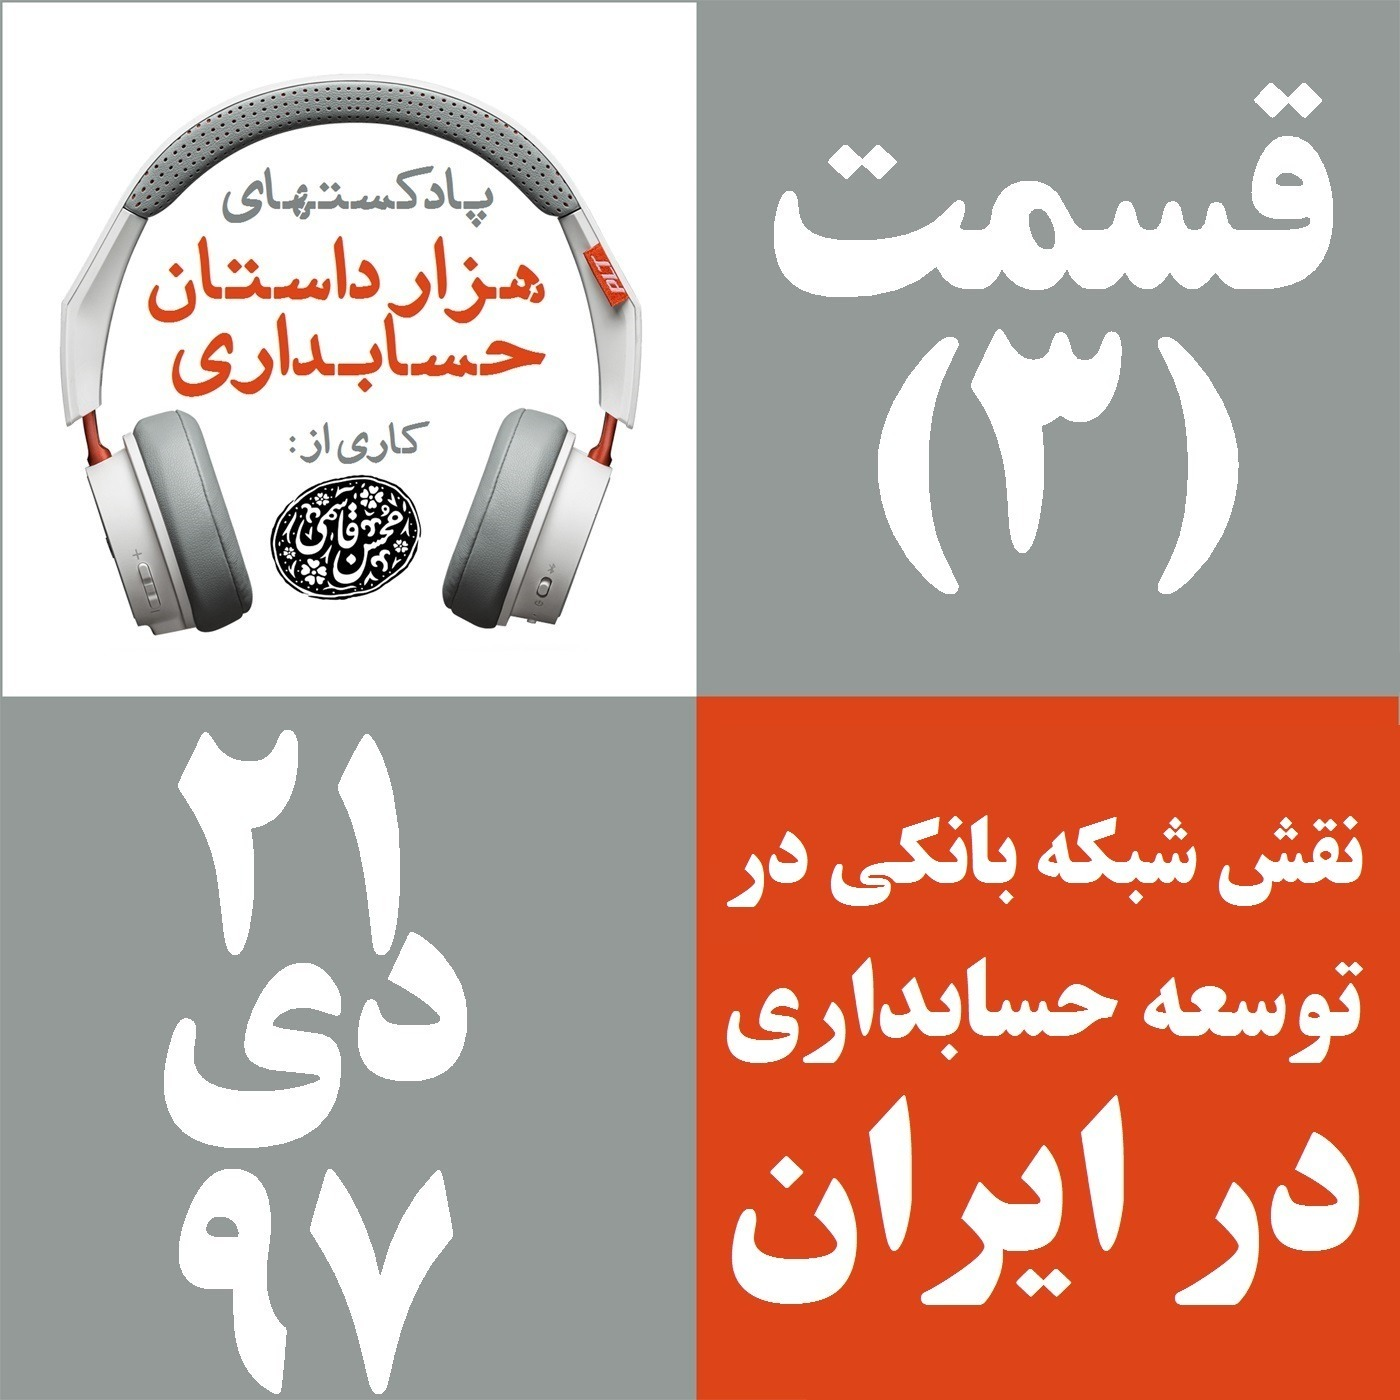 قسمت 3 - نقش شبکه بانکی در توسعه حسابداری نوین در ایران